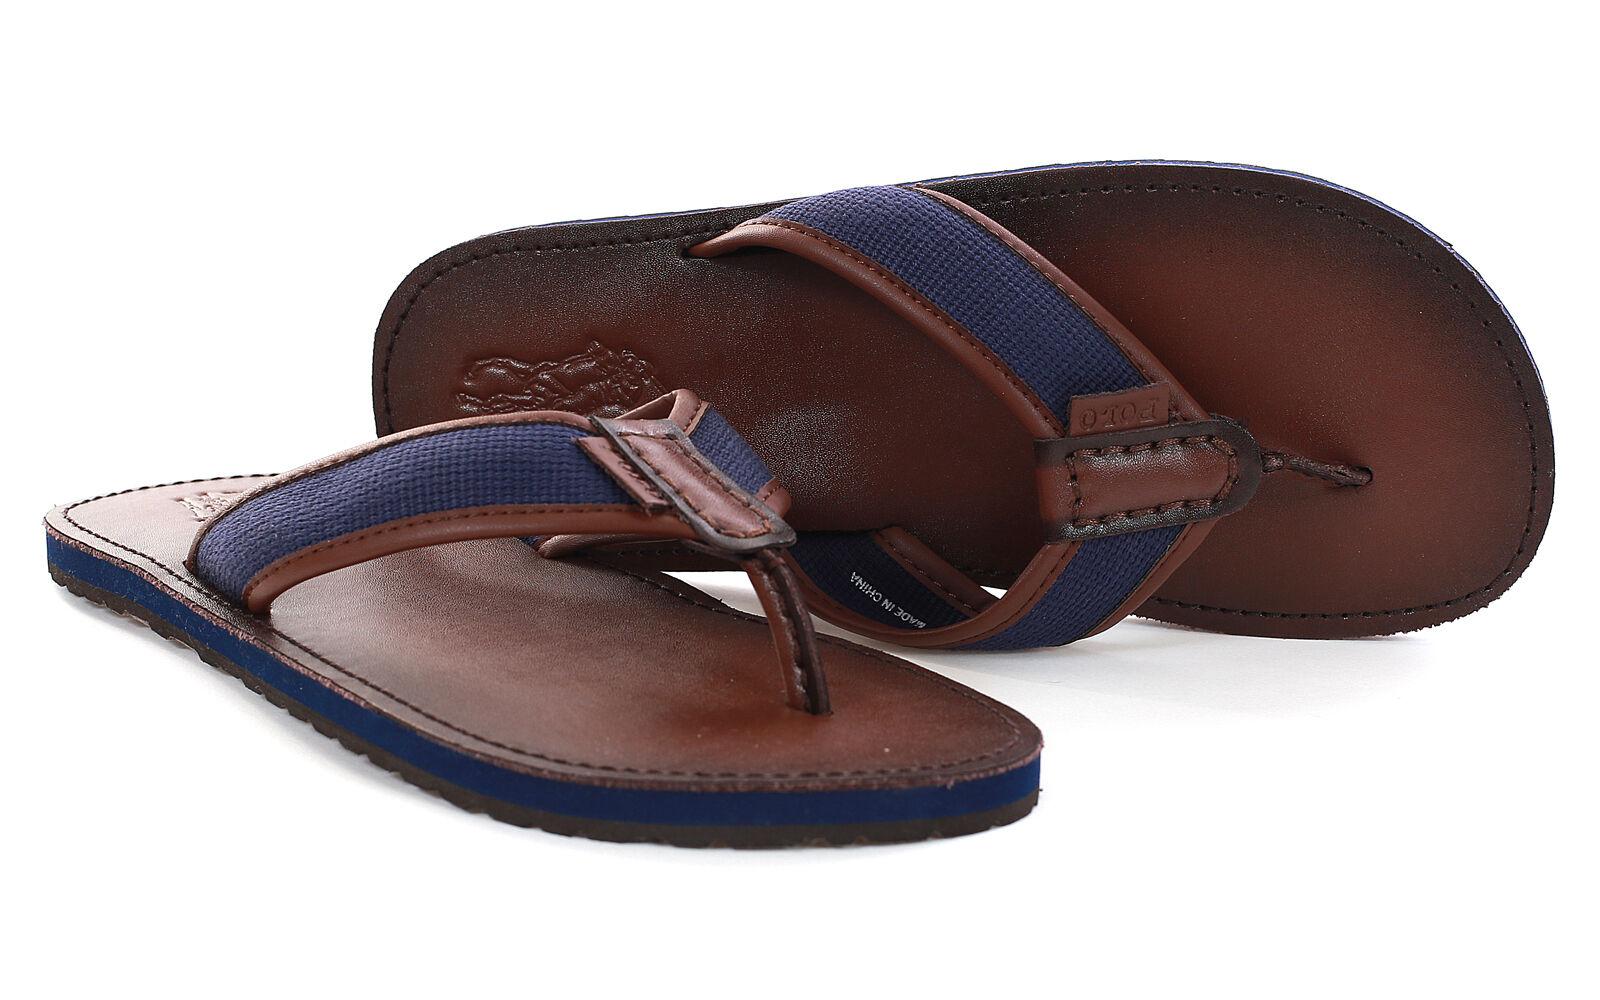 Polo Ralph Lauren Flip Flop Sandalen Beach Schuhe Zehentrenner Strandschuhe